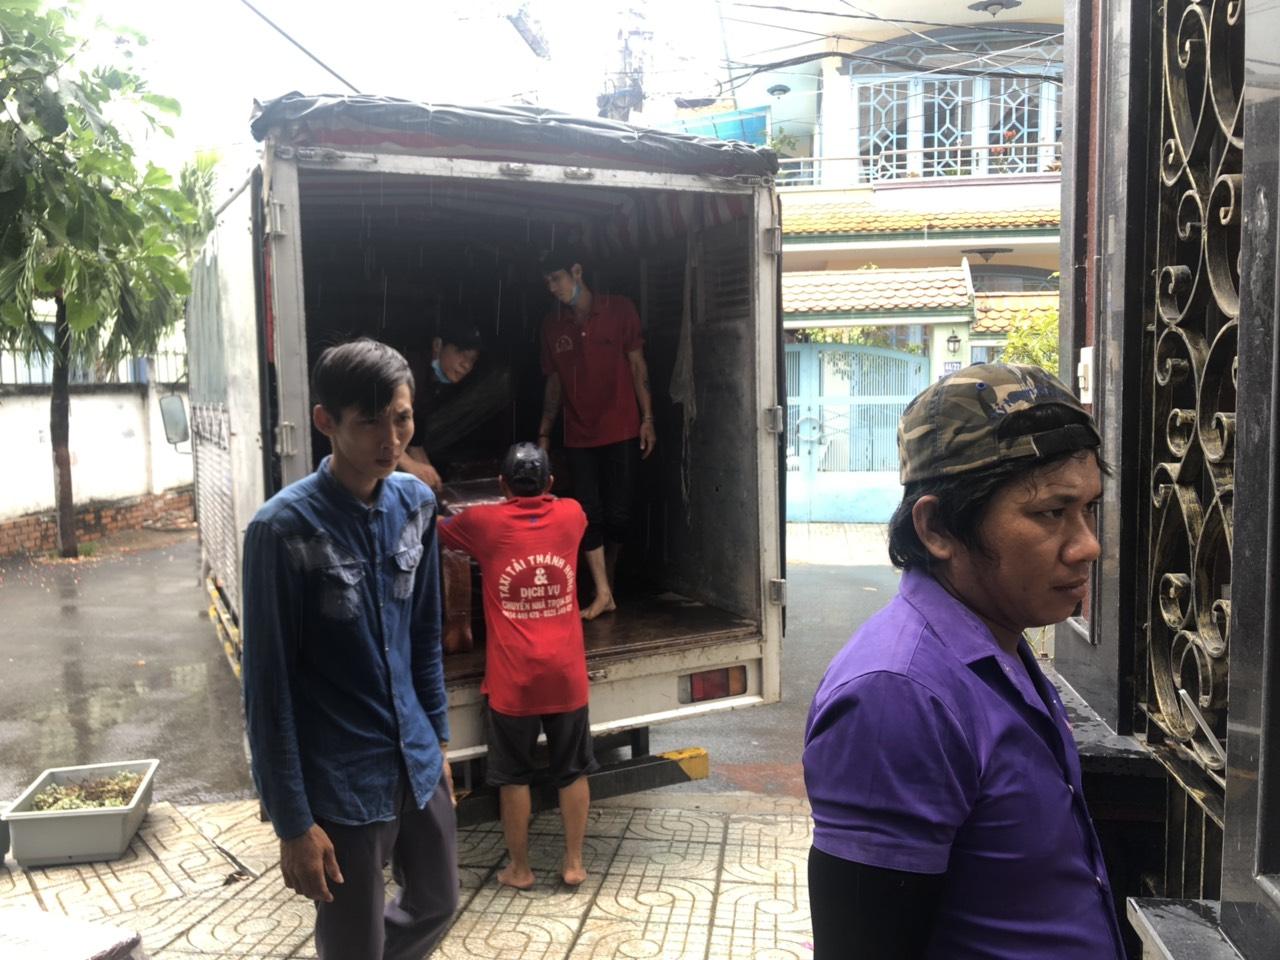 Chuyển nhà giá rẻ quận Bình Thạnh,chuyen nha gia re quan Binh Thanh,dịch vụ chuyển nhà,dich vu chuyen nha